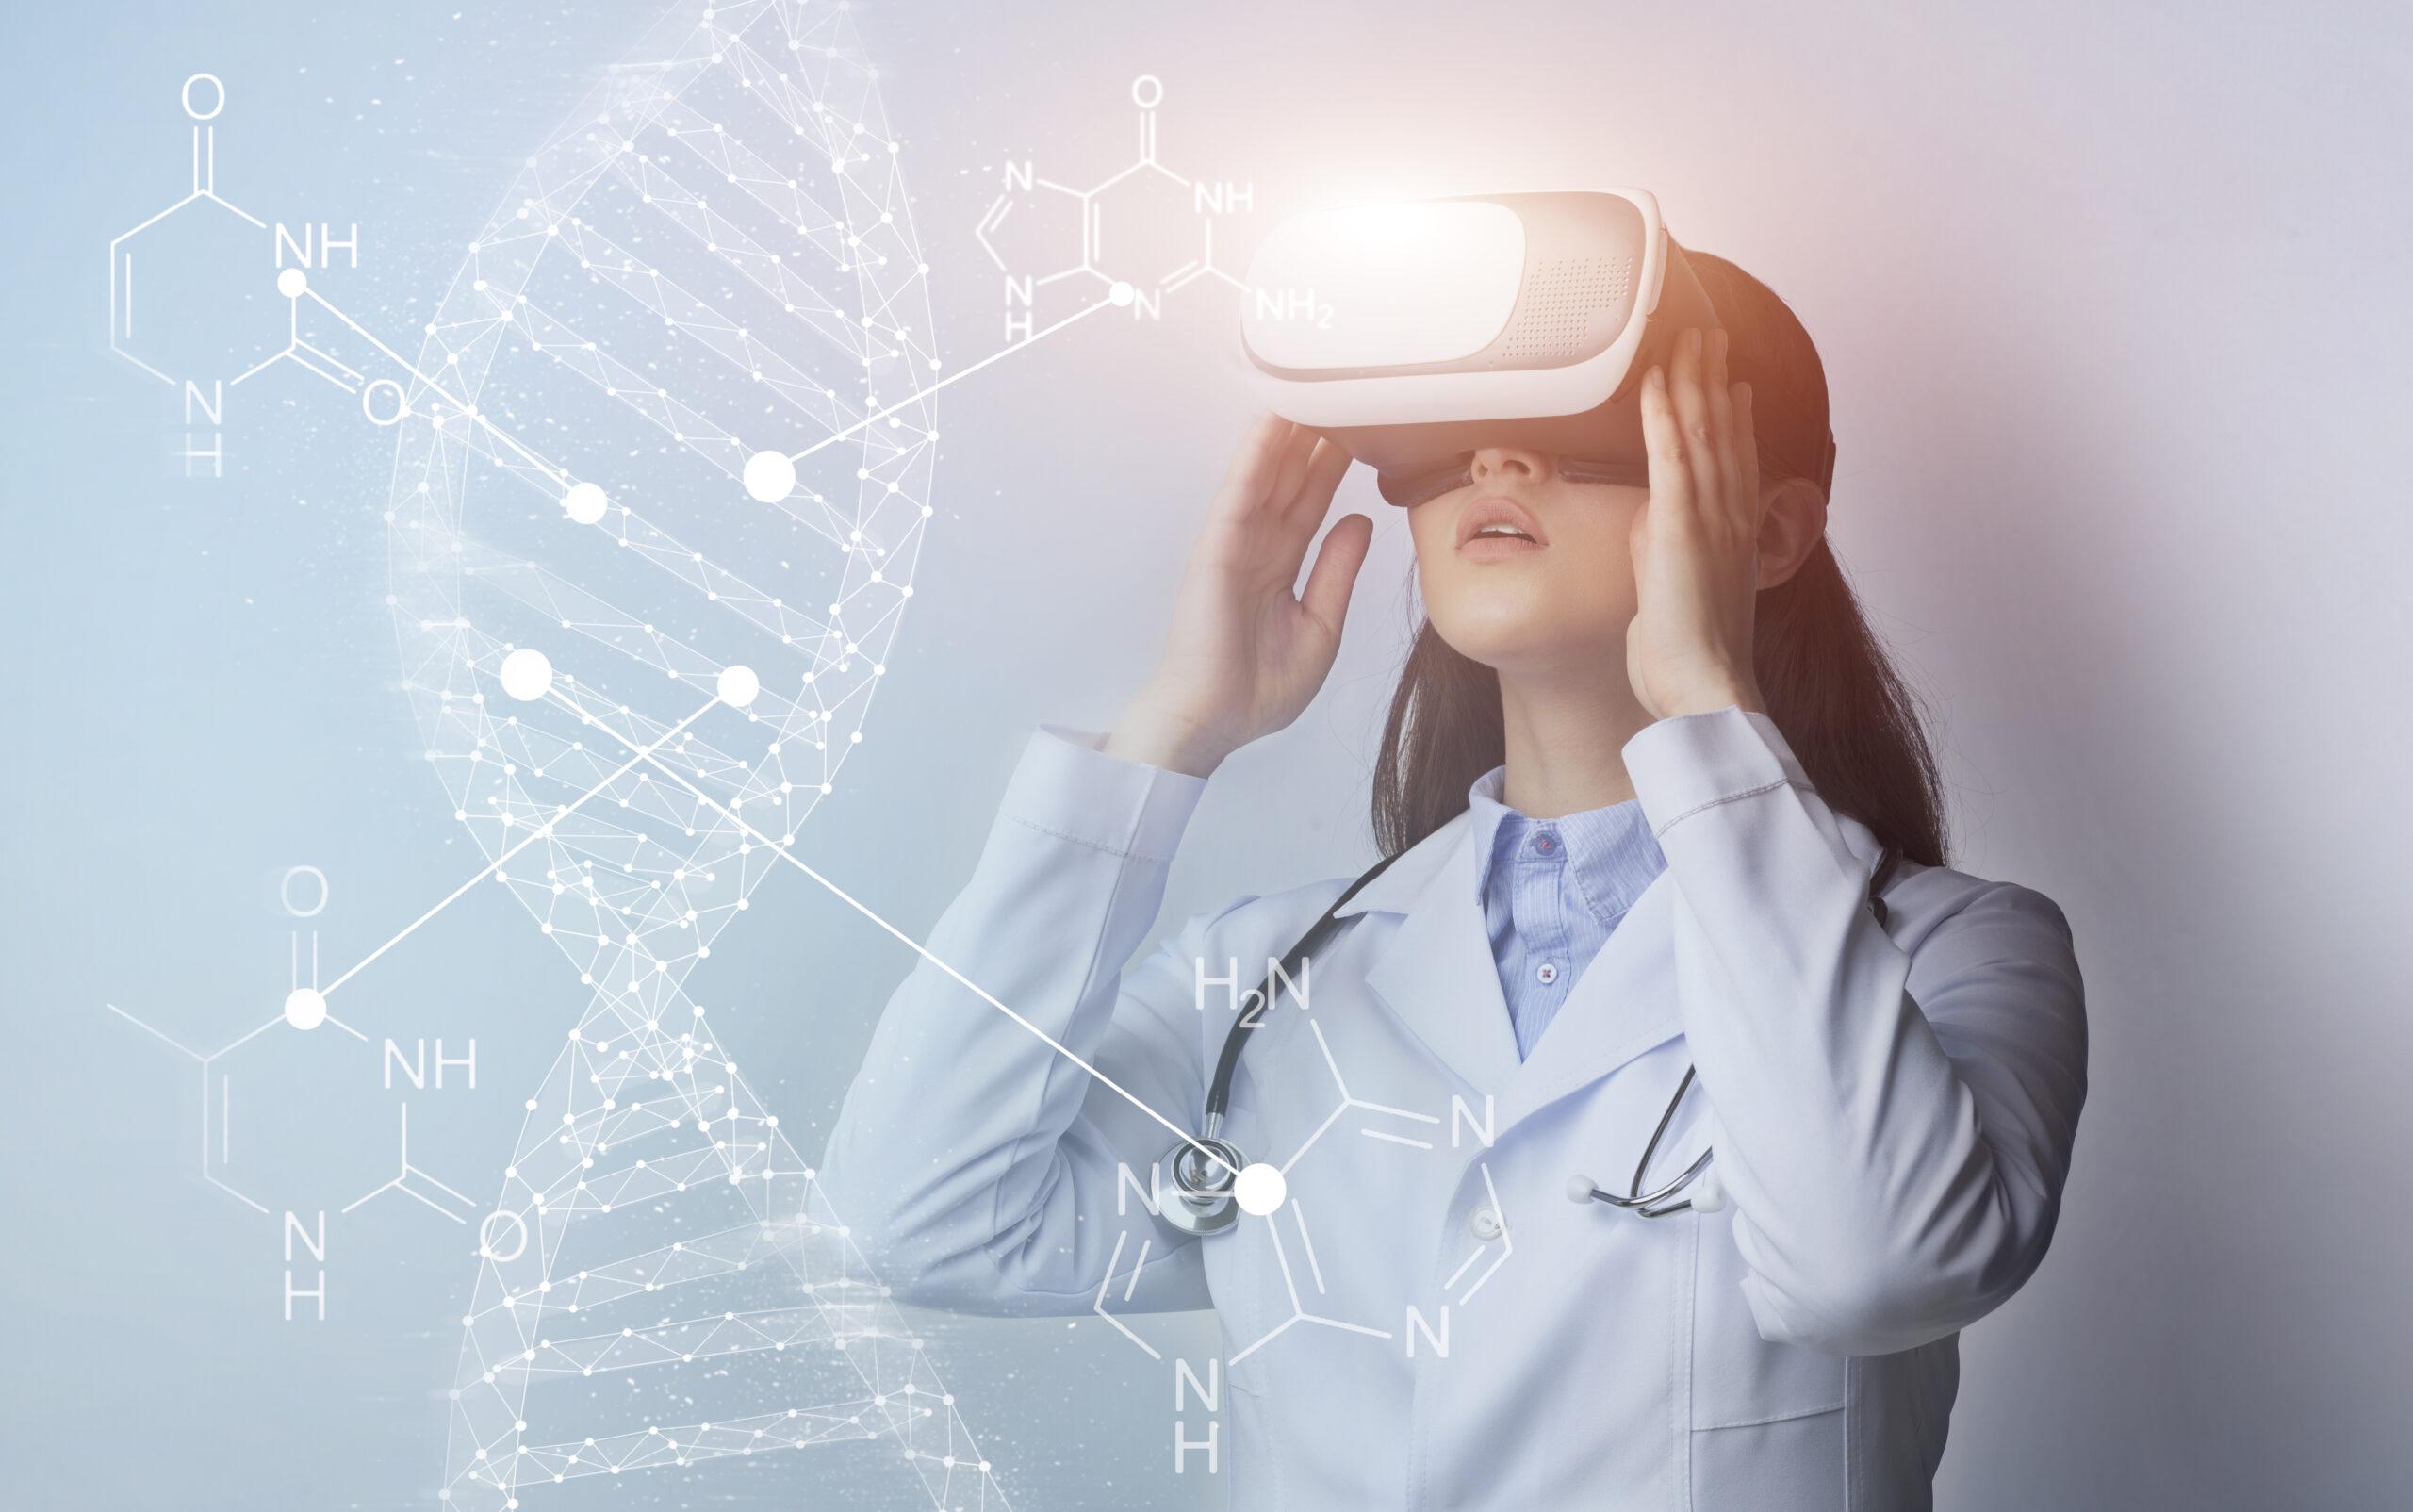 Presentat l'informe de realitat virtual en salut